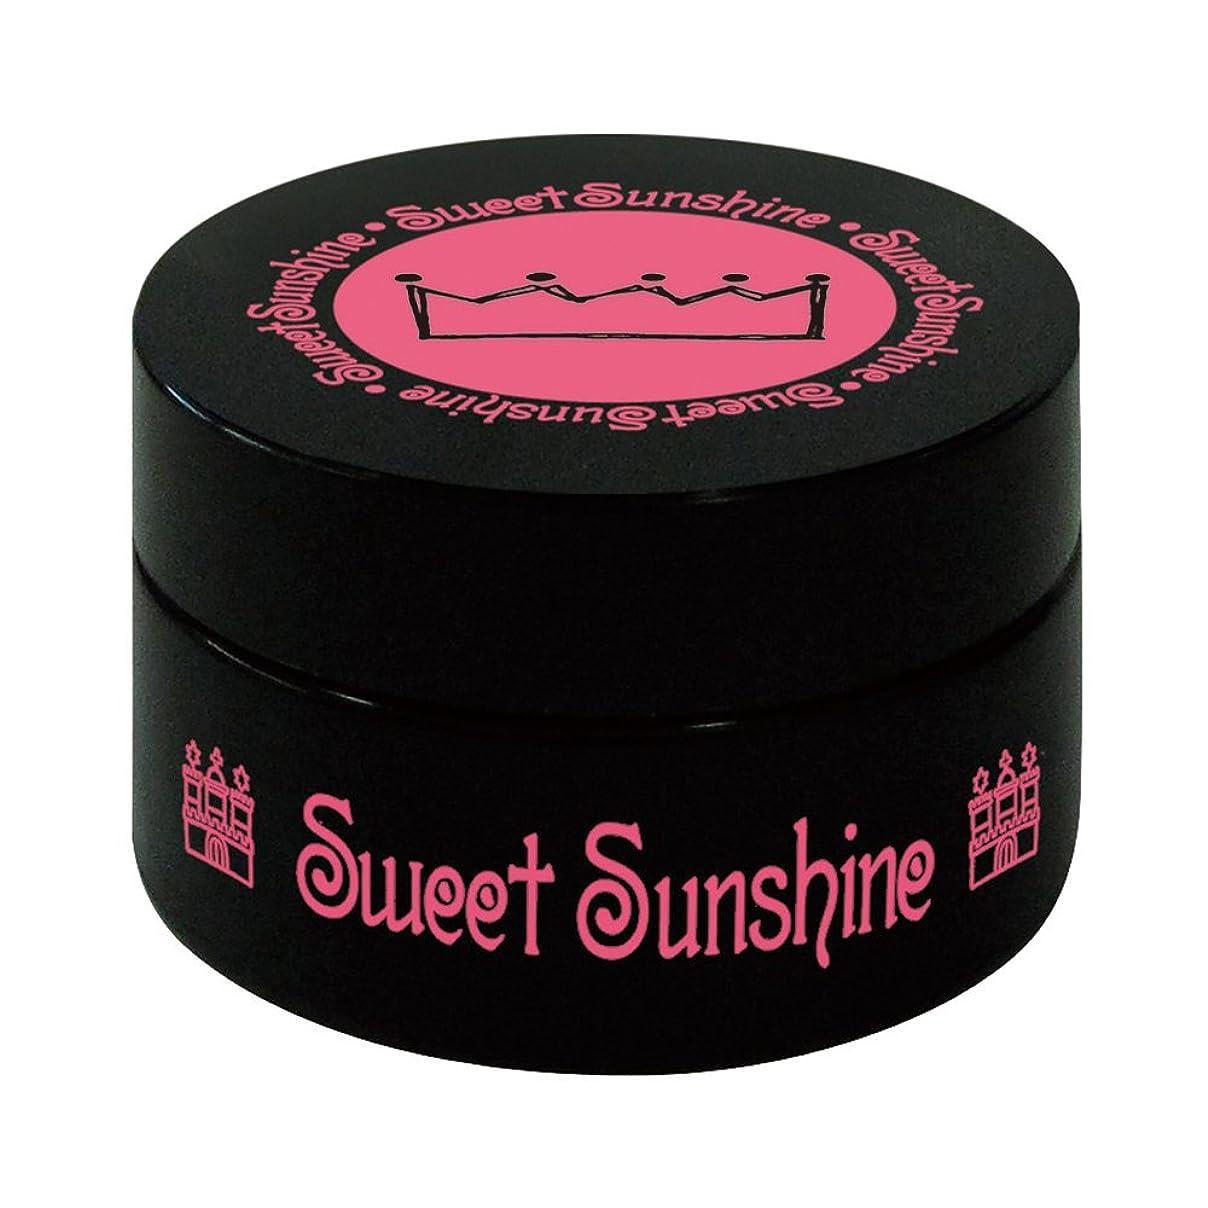 アーサースクレーパー概要最速硬化LED対応 Sweet Sunshine スィート サンシャイン カラージェル SC-5 4g サンシャインビーチレッド